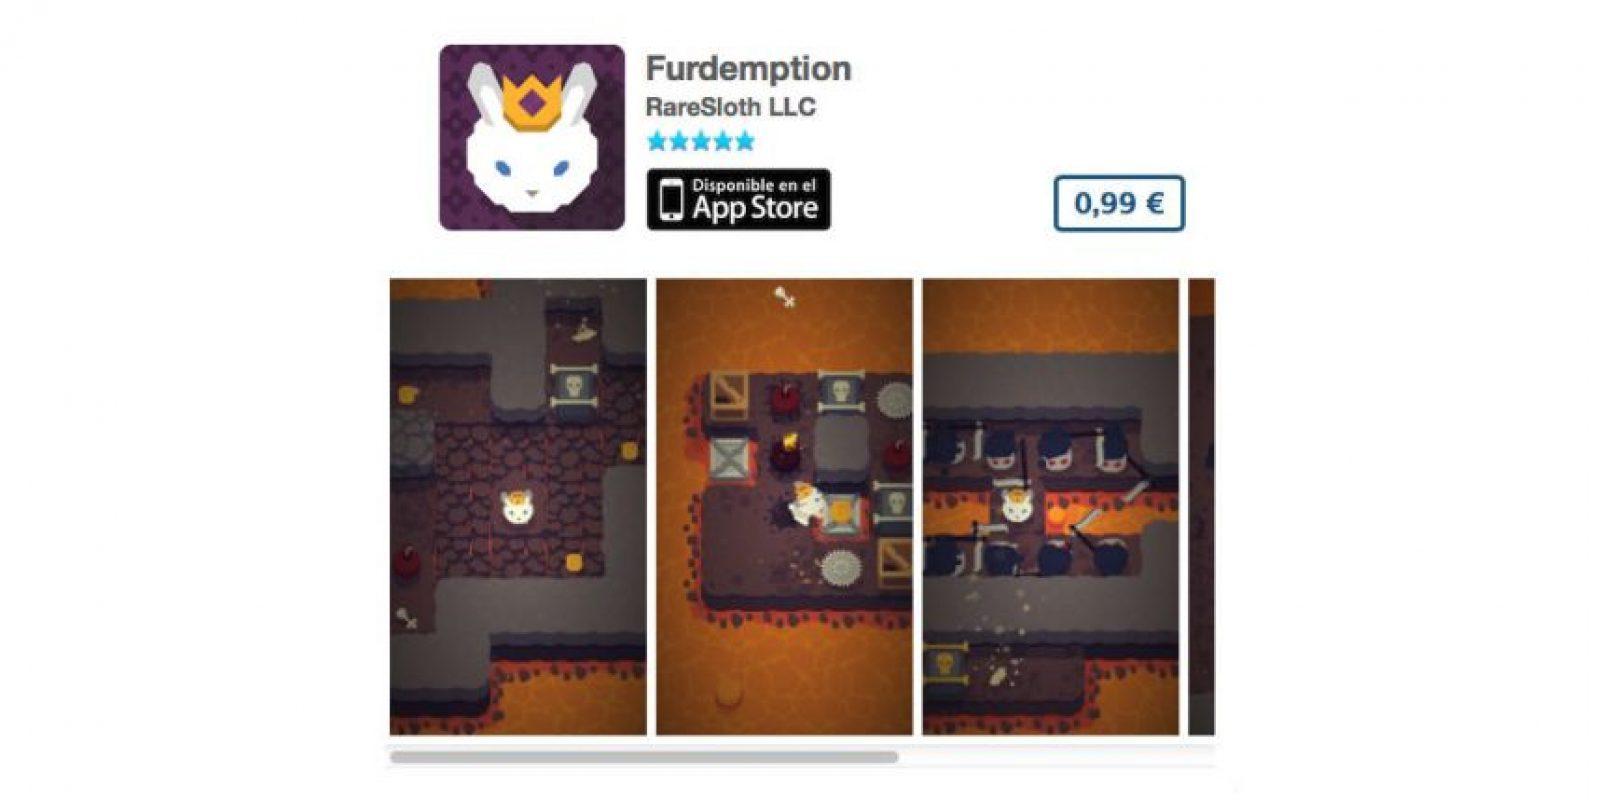 Furdemption es un juego de puzzle que cuenta la aventura de un conejo de la realeza que trata de escapar del infierno. Foto:De RareSloth LLC